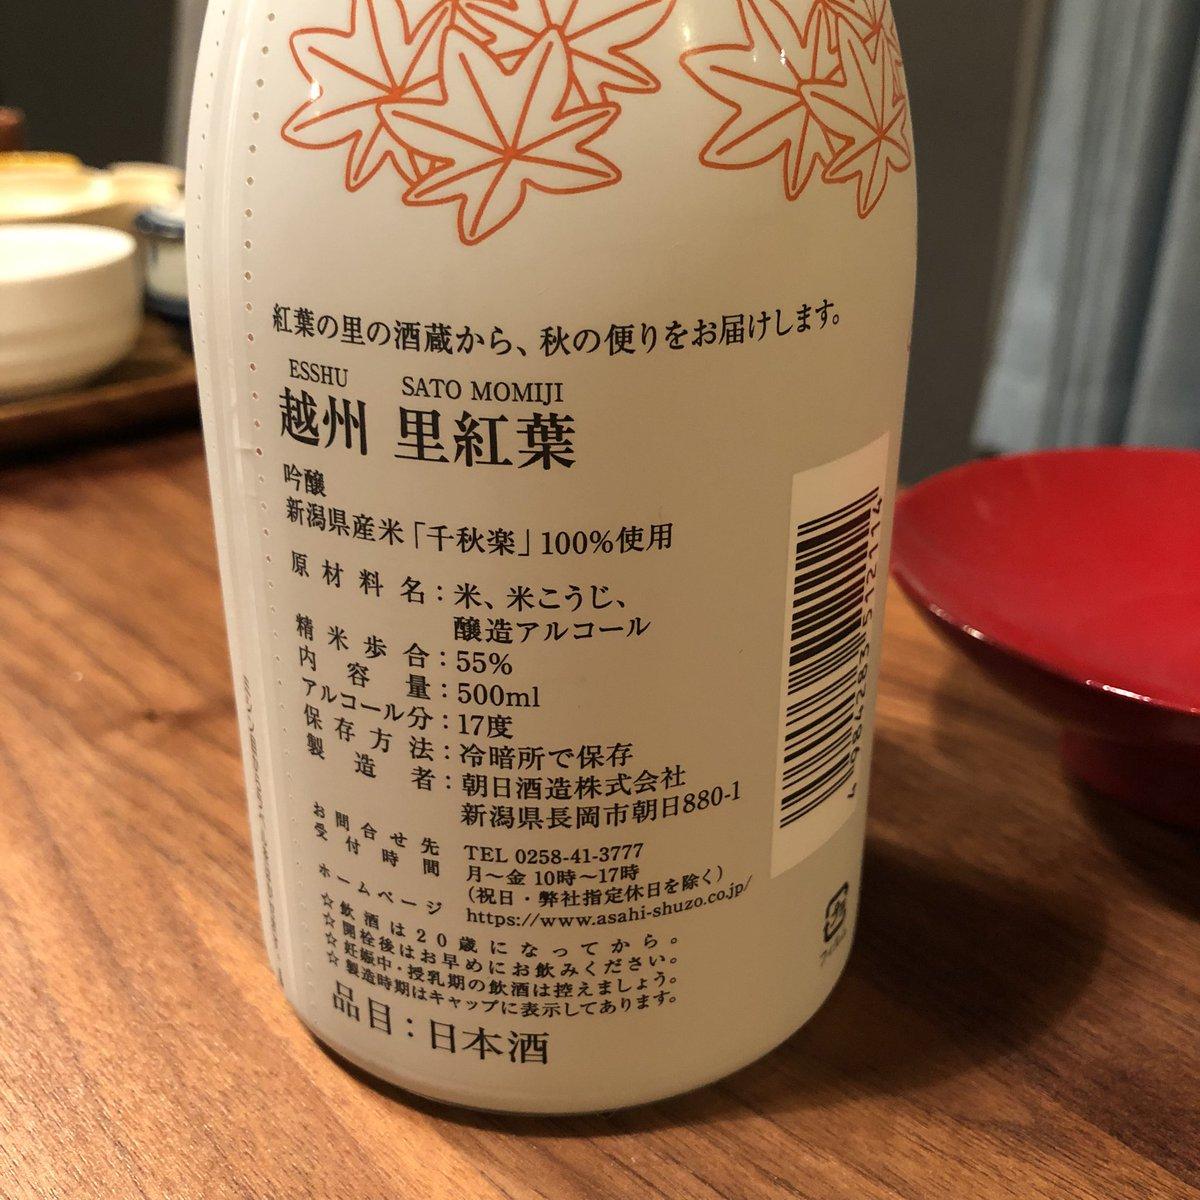 test ツイッターメディア - 2021年10月18日開封 #越州 #朝日酒造 蔵元にて購入 実にまろやか⭐️ 柔らかい甘さで、実につるつる^ ^ 酒蔵のとなりにある紅葉山をイメージしたそう🍁 ふくよかで幅のある、とても穏やかな酒質… しかし、最後はしっかり締める、久保田らしい^ ^ これ、めっちゃ好きだなー❤️ https://t.co/E2krwc9UQS